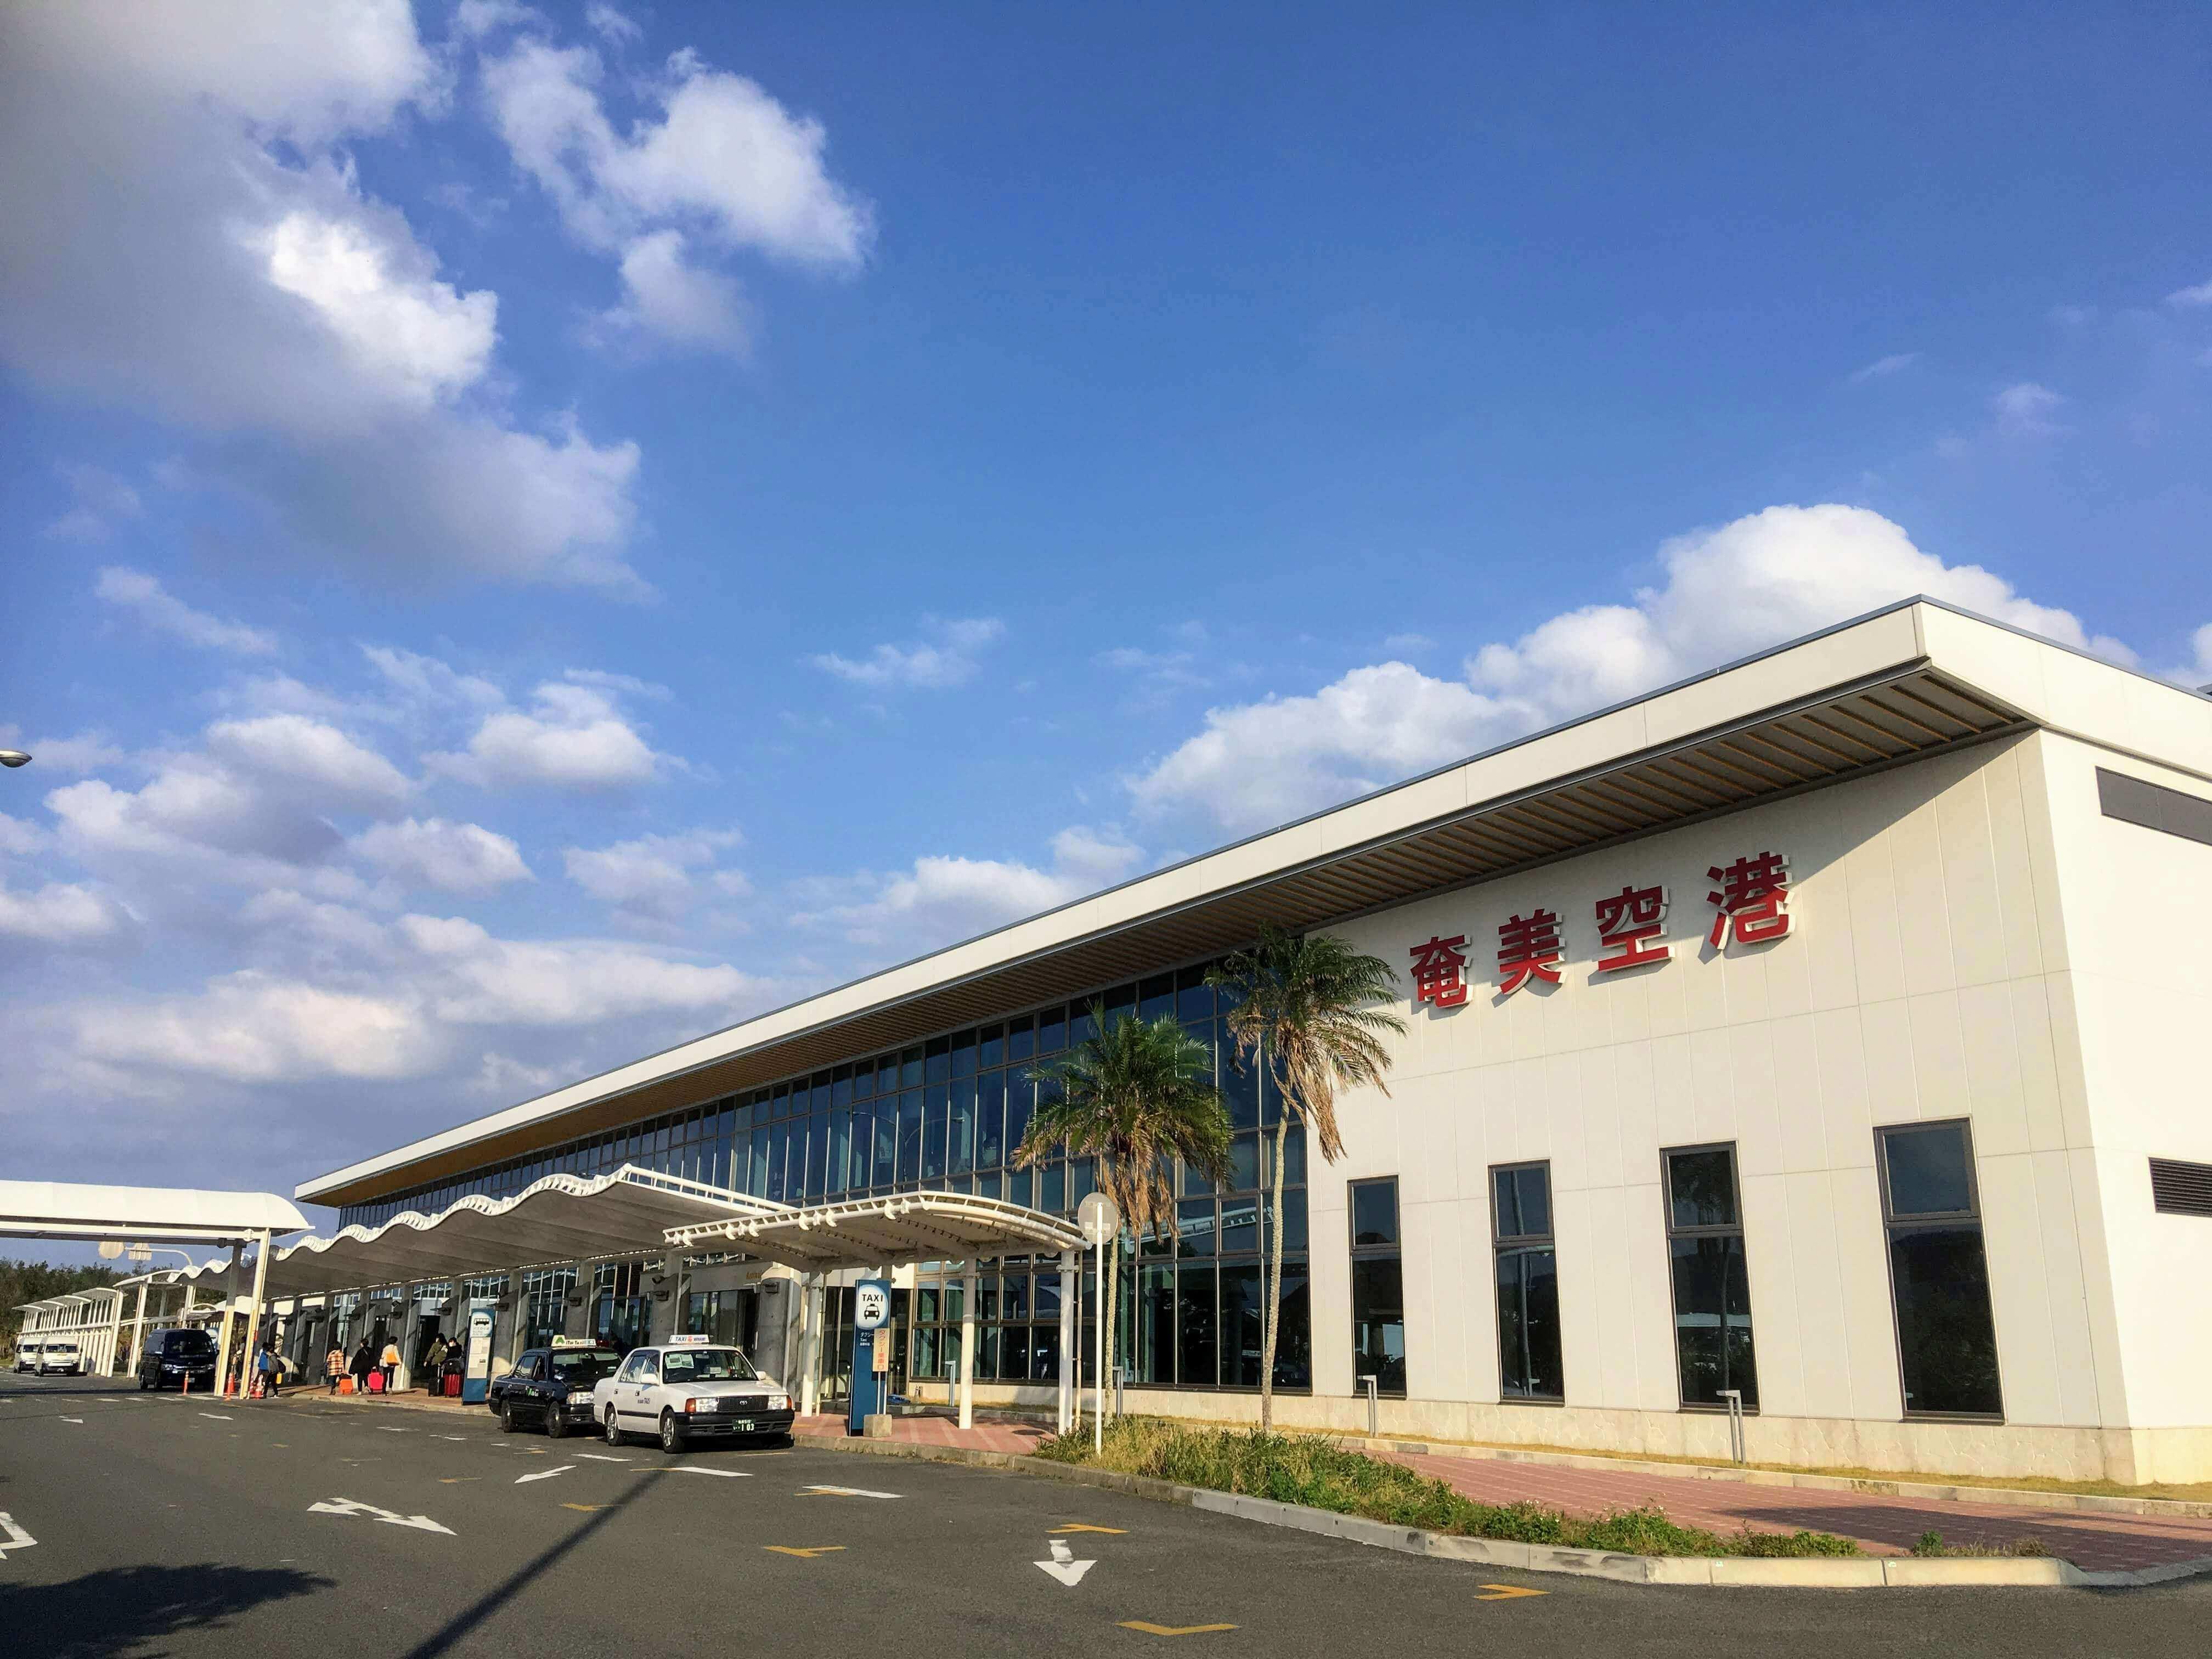 【公式】レンタルバイクのベストBike® 【準備中】奄美空港